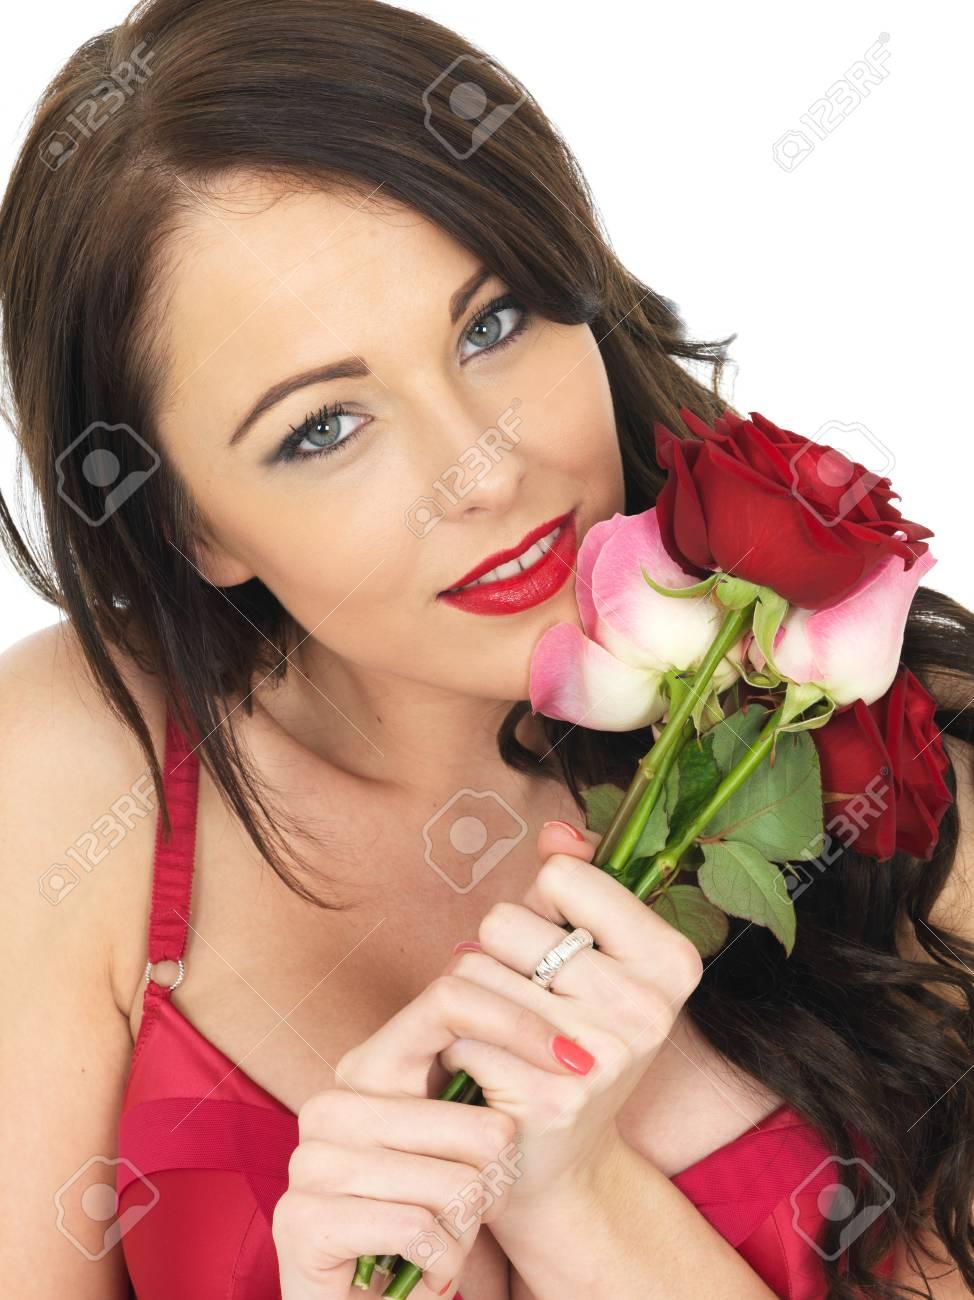 mejor baratas cebf2 a9885 Mujer atractiva joven que desgasta la ropa interior roja y Holding Roja de  San Valentín Rosas